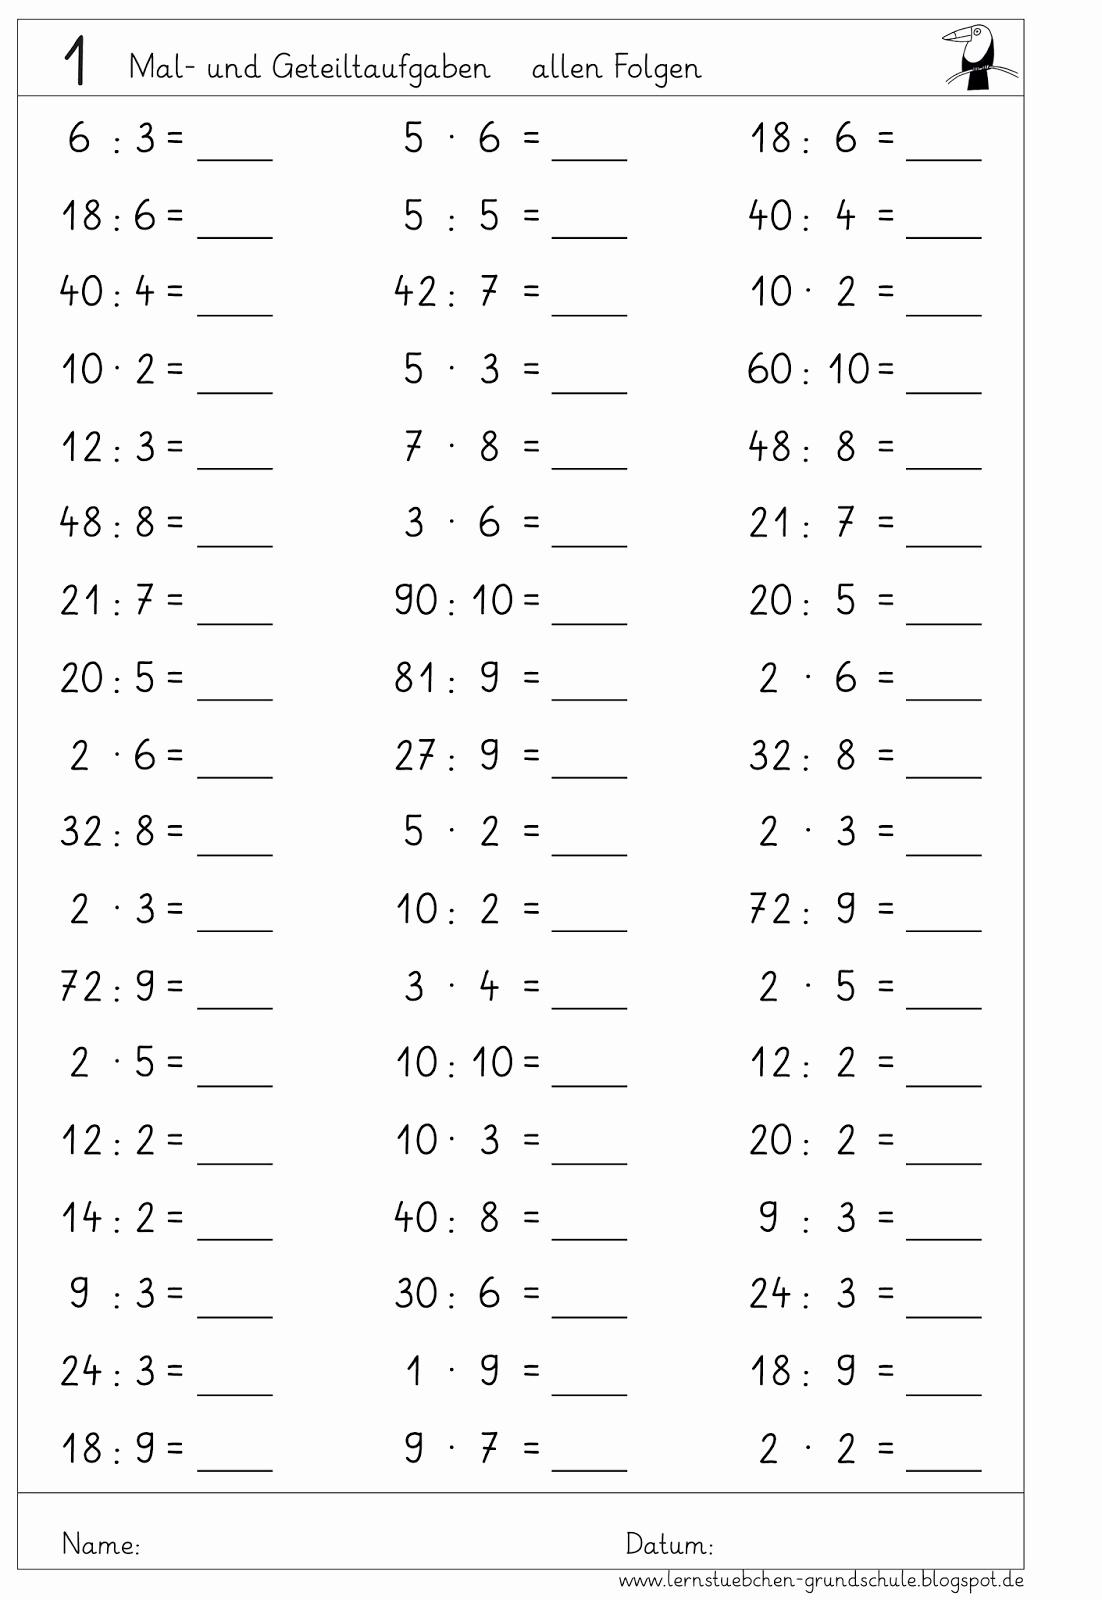 1 Klasse Arbeitsblatter Zum Ausdrucken Einzigartig ganzes Übungsblätter Mathe 1 Klasse Zum Ausdrucken Kostenlos